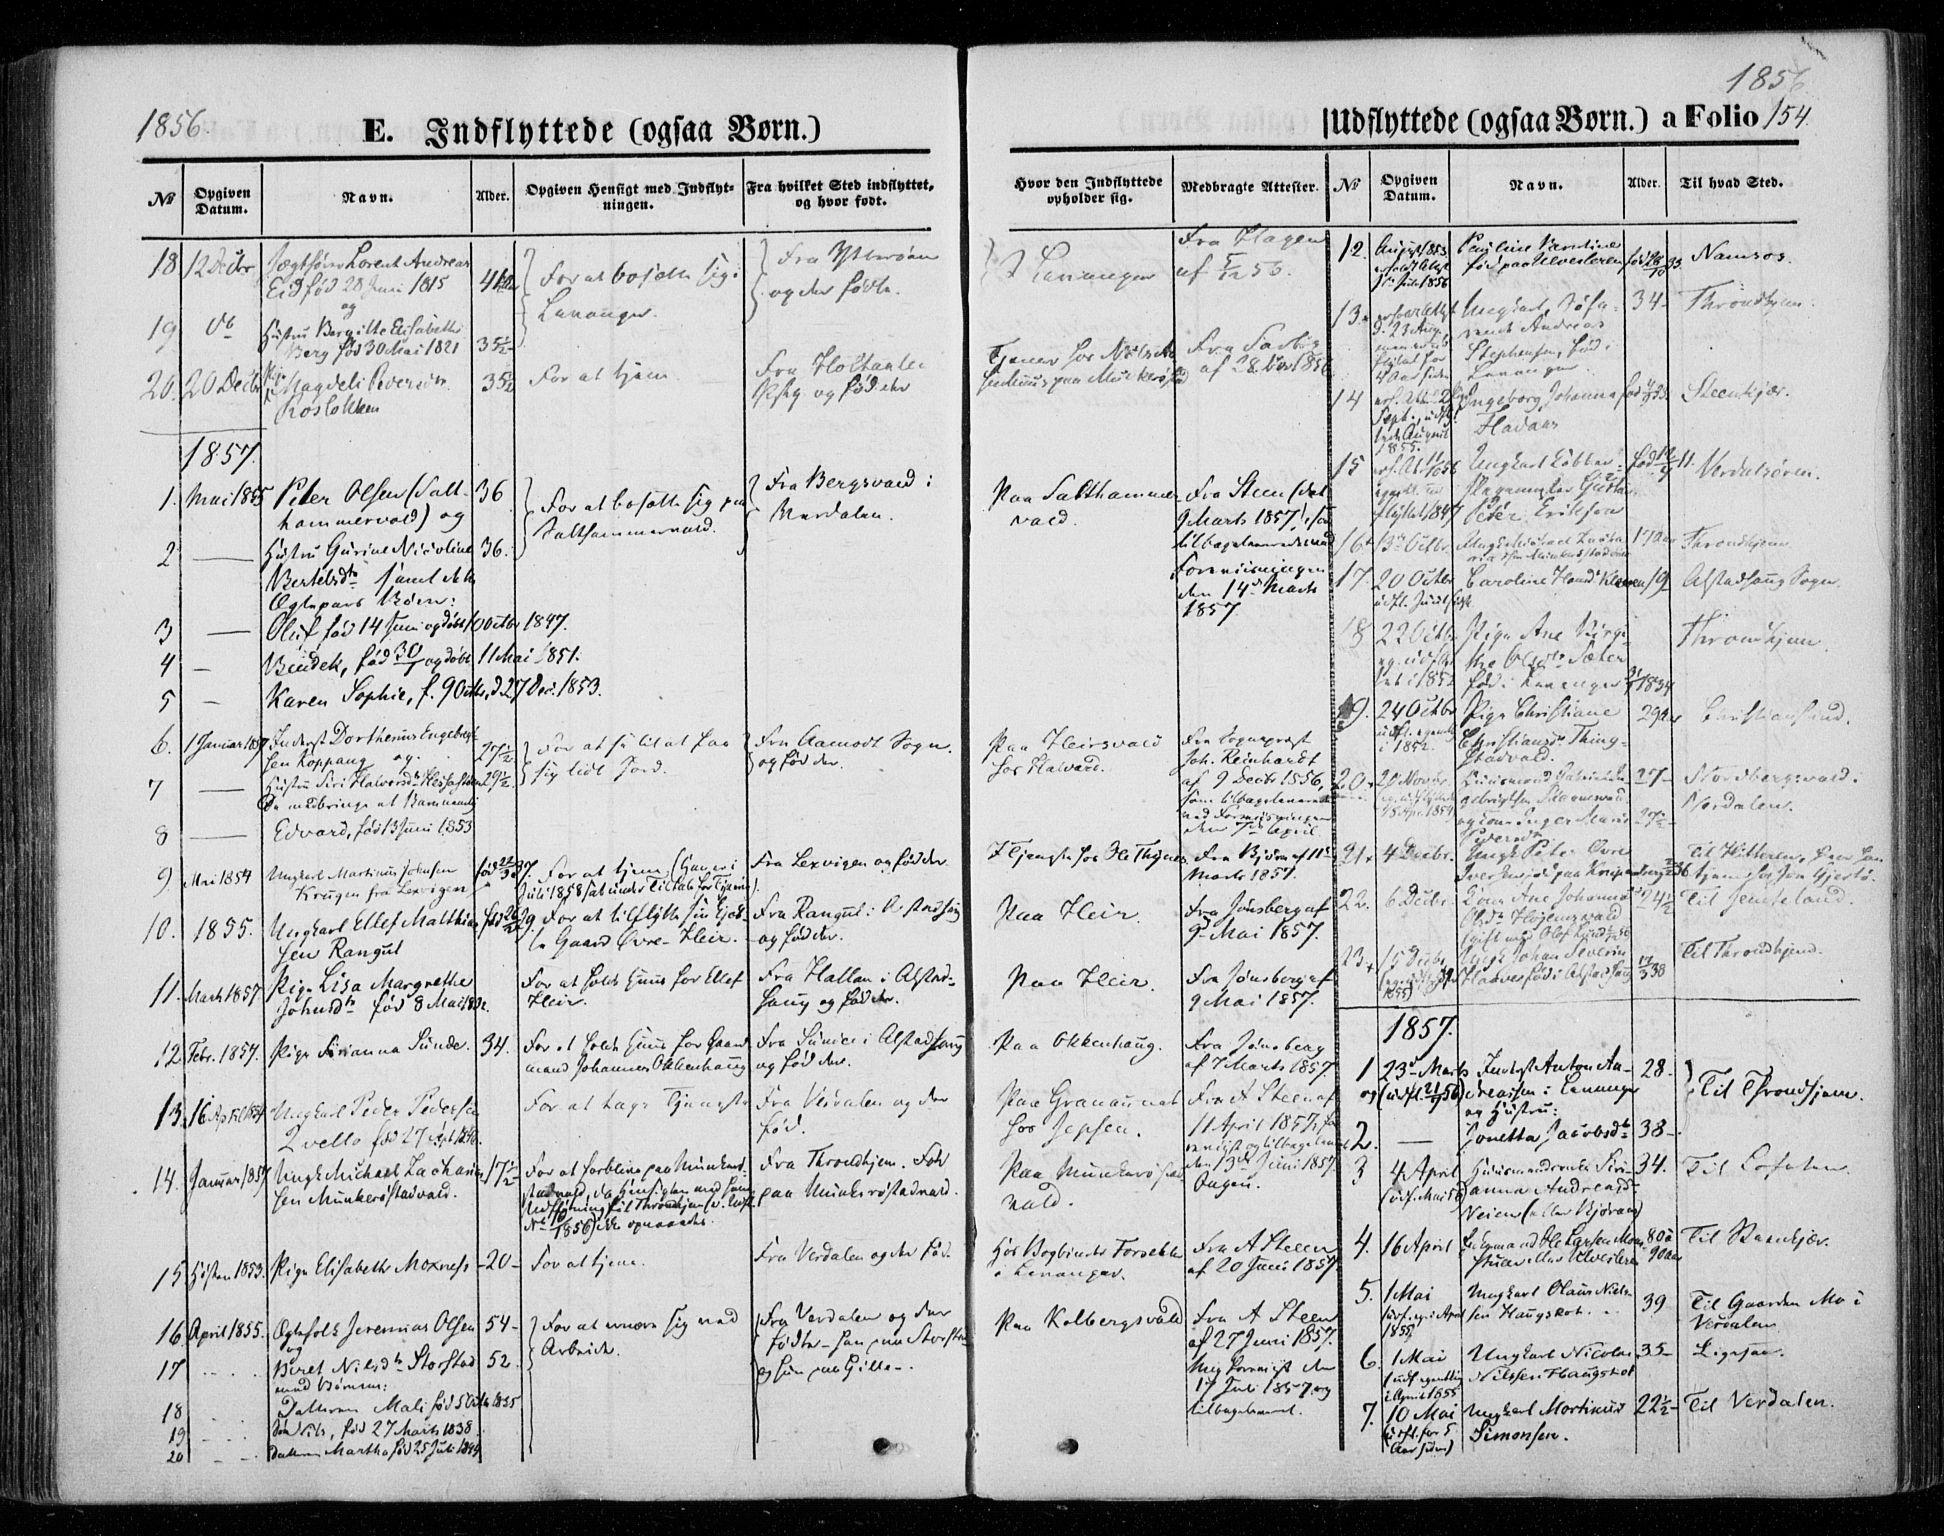 SAT, Ministerialprotokoller, klokkerbøker og fødselsregistre - Nord-Trøndelag, 720/L0184: Ministerialbok nr. 720A02 /1, 1855-1863, s. 154